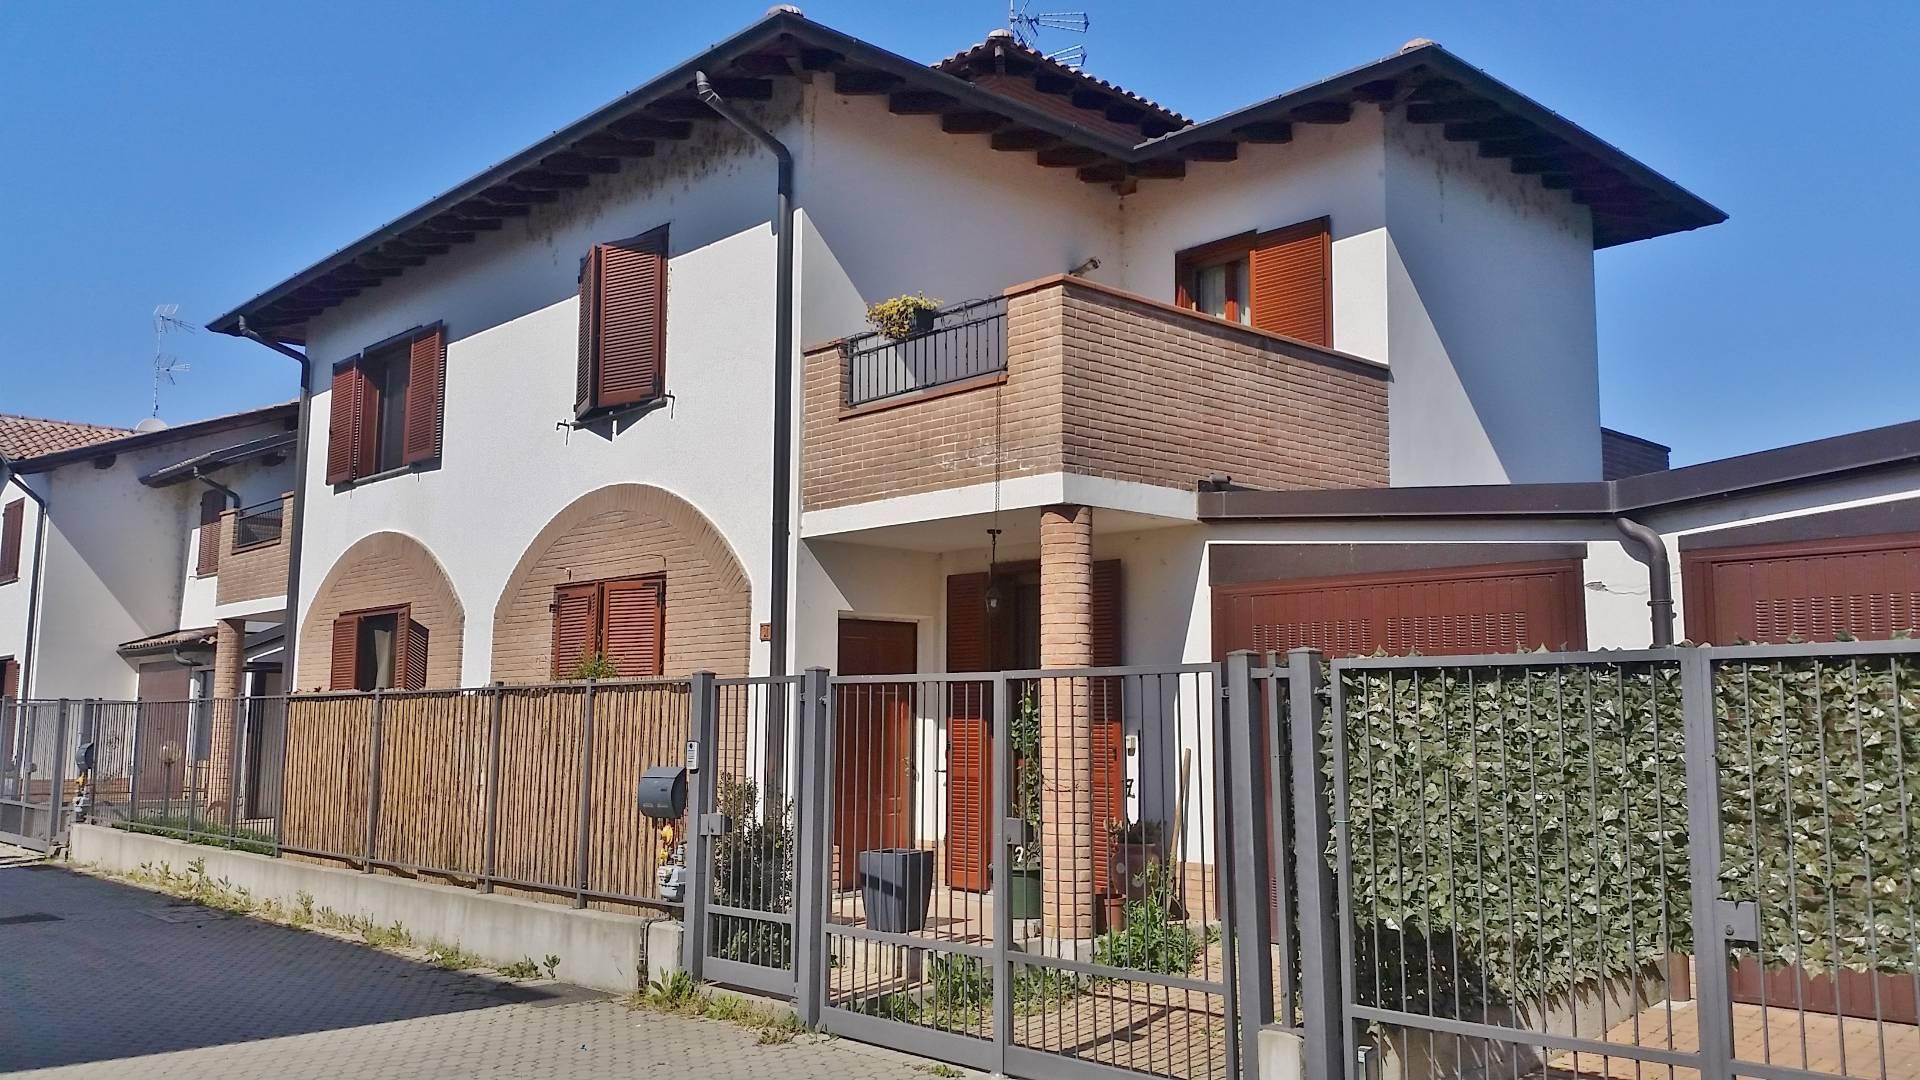 Villa Bifamiliare in vendita a Zinasco, 4 locali, zona Località: ZinascoVecchio, prezzo € 169.000 | Cambio Casa.it